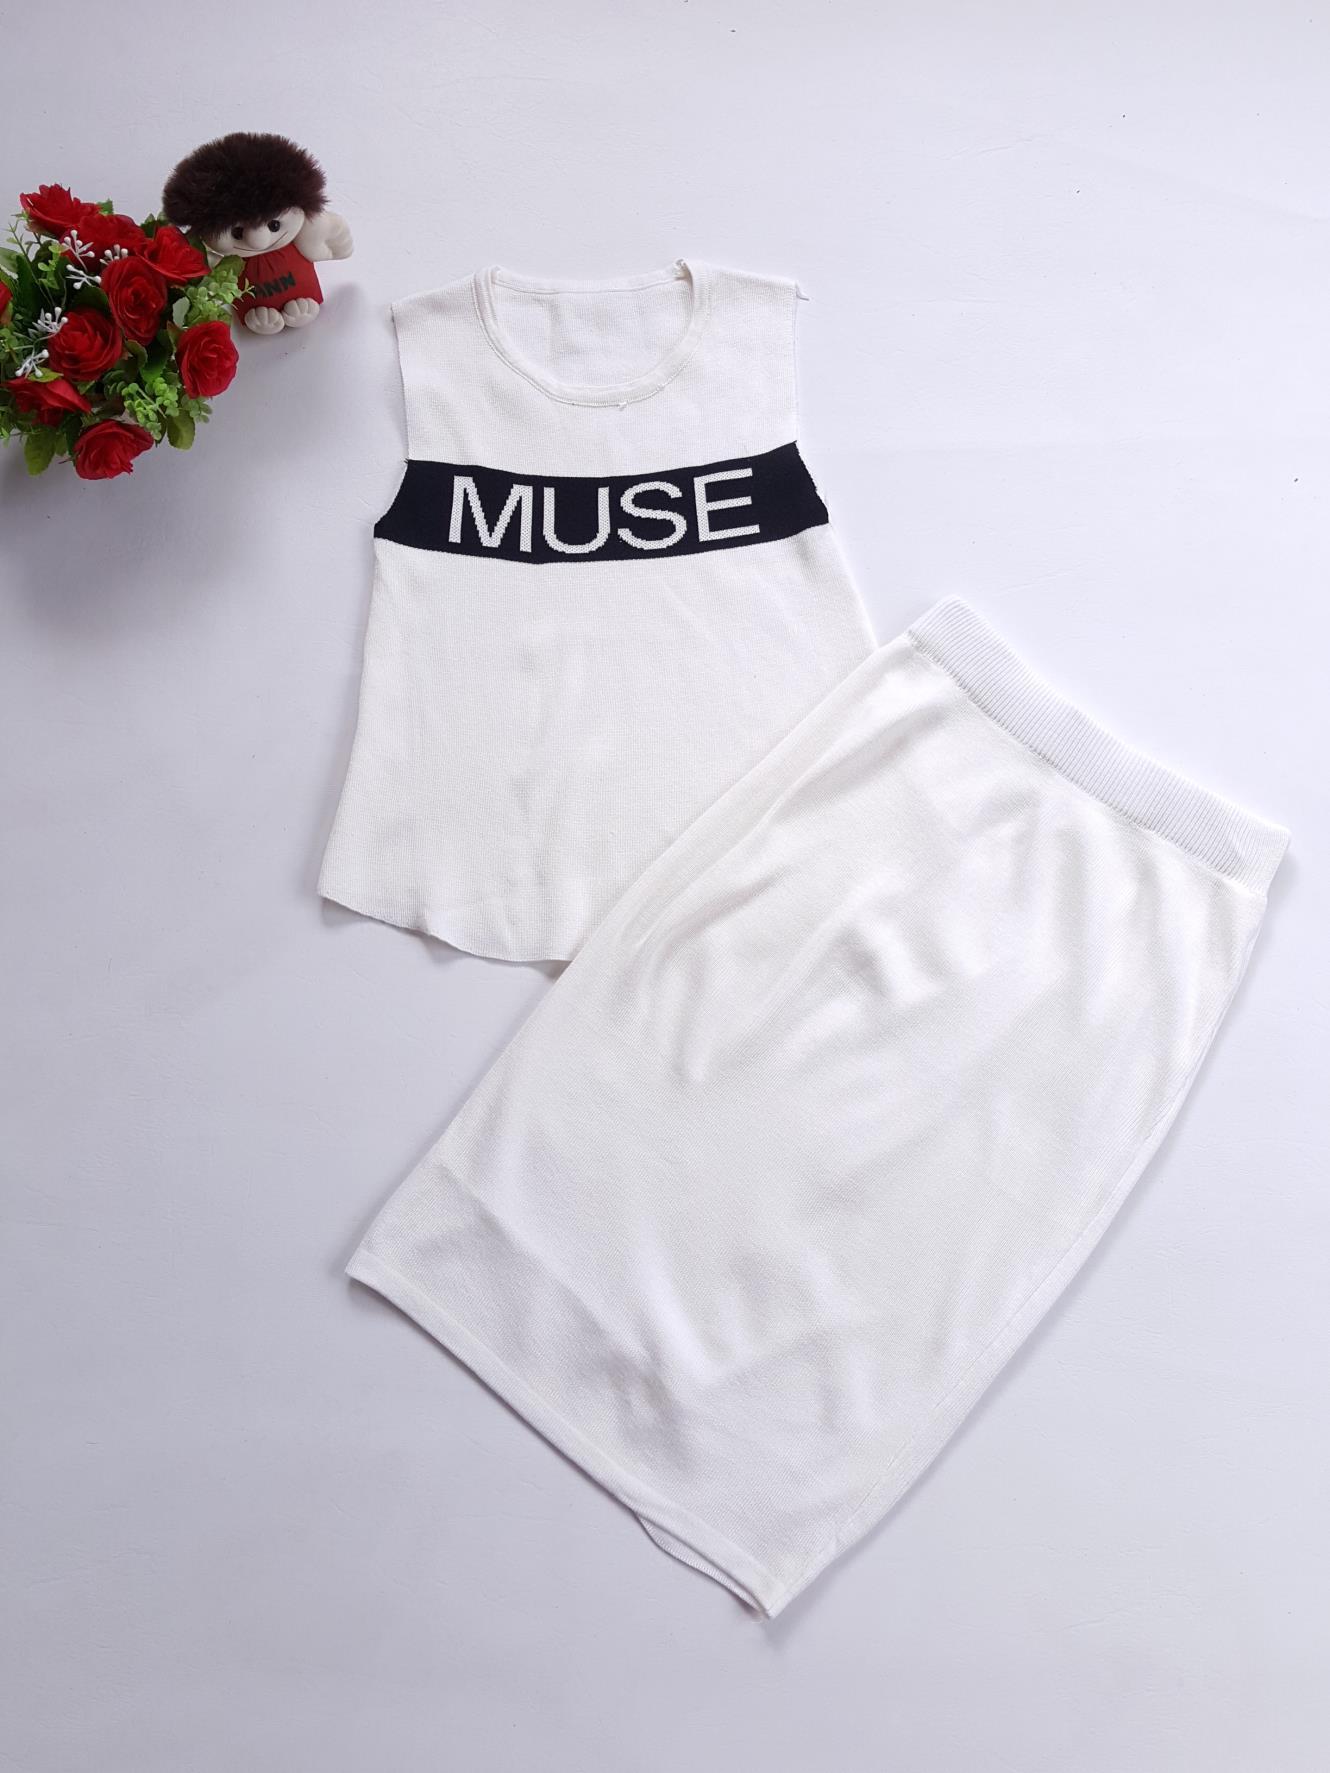 WOW SETS : ชุดเซ็ต 2 ชิ้น เสื้อ+กระโปรง ตัวเสื้อแขนกุด ผลิตจากผ้าไหมพรมร่องหนาเนื้อยืดหยุ่นดีมาก สีขาวสกรีนแถบดำ MUSE มาพร้อมกับกระโปรงผ้าเนื้อเดียวกัน งานคุณภาพ